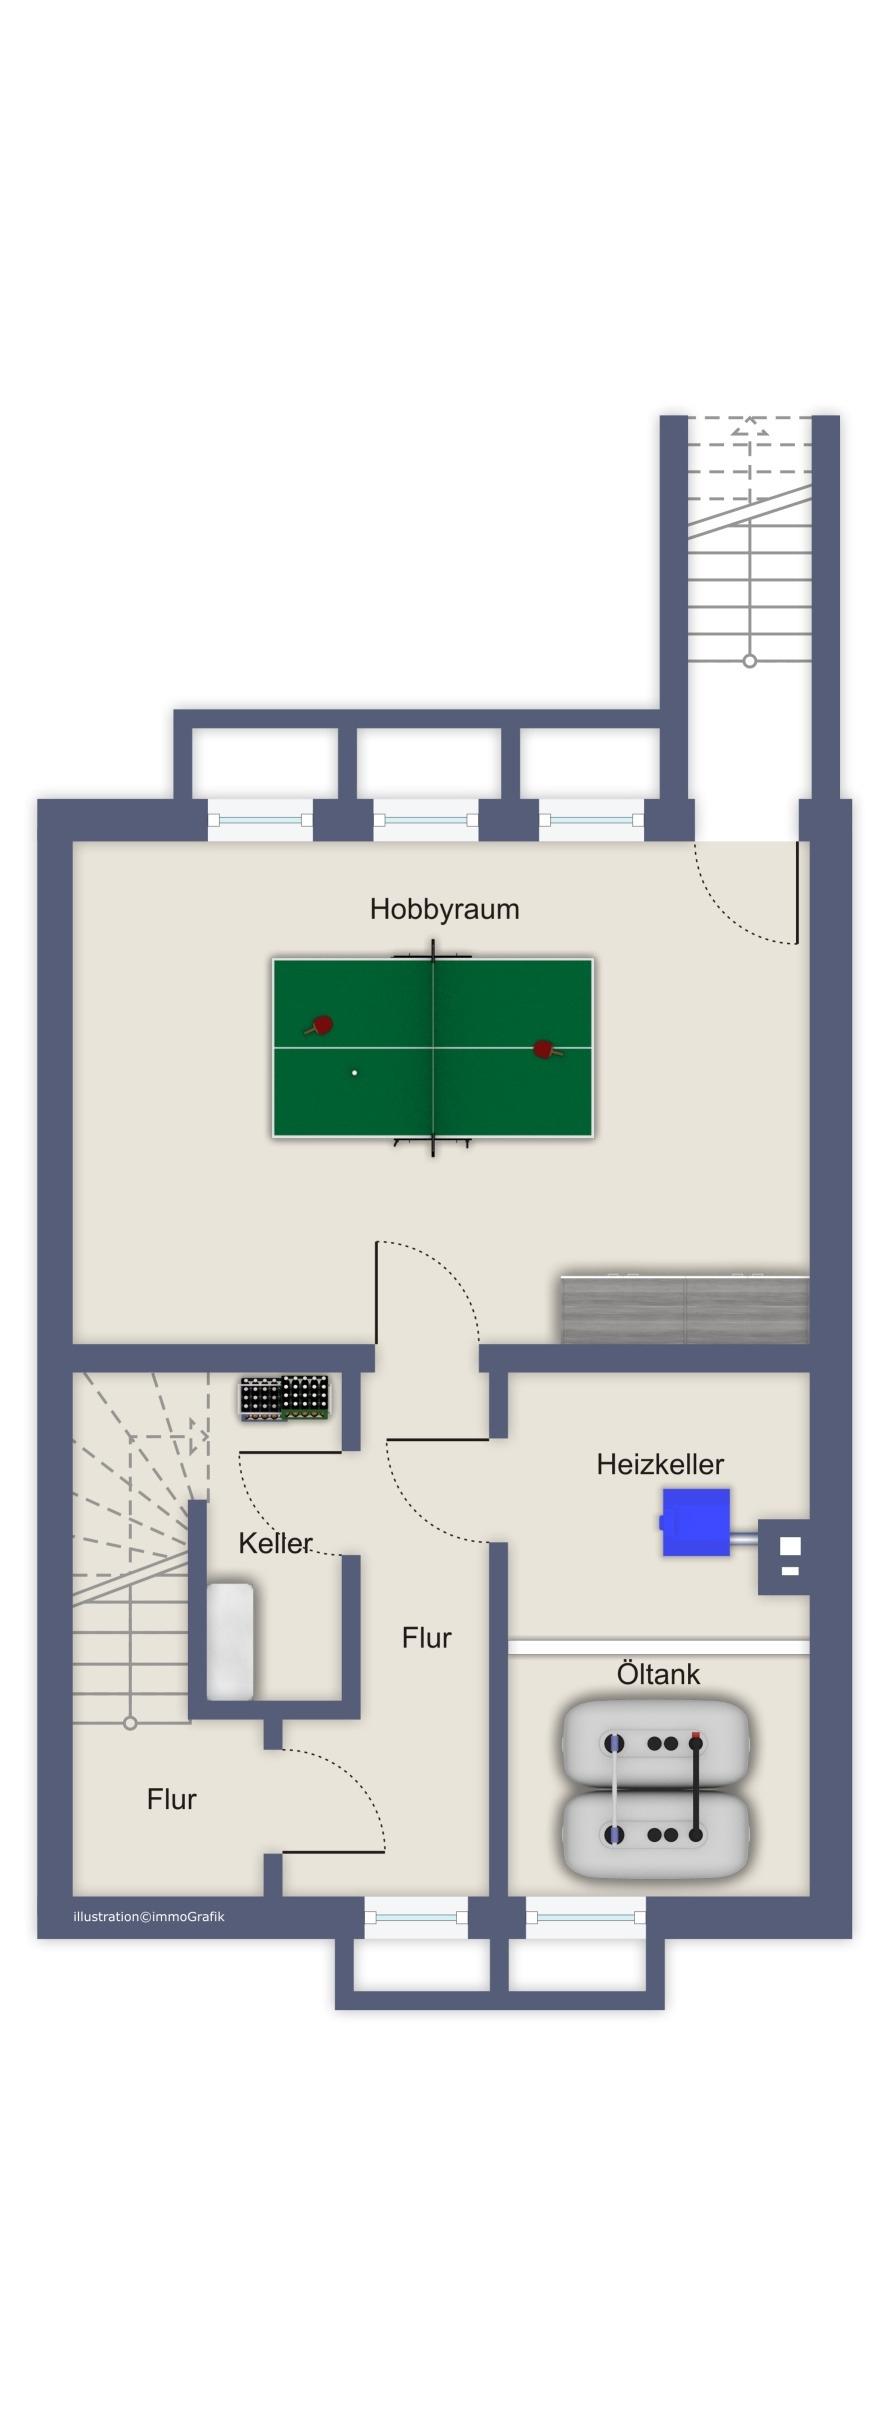 Erfreut Elektrischer Hausplan Galerie - Elektrische Schaltplan-Ideen ...